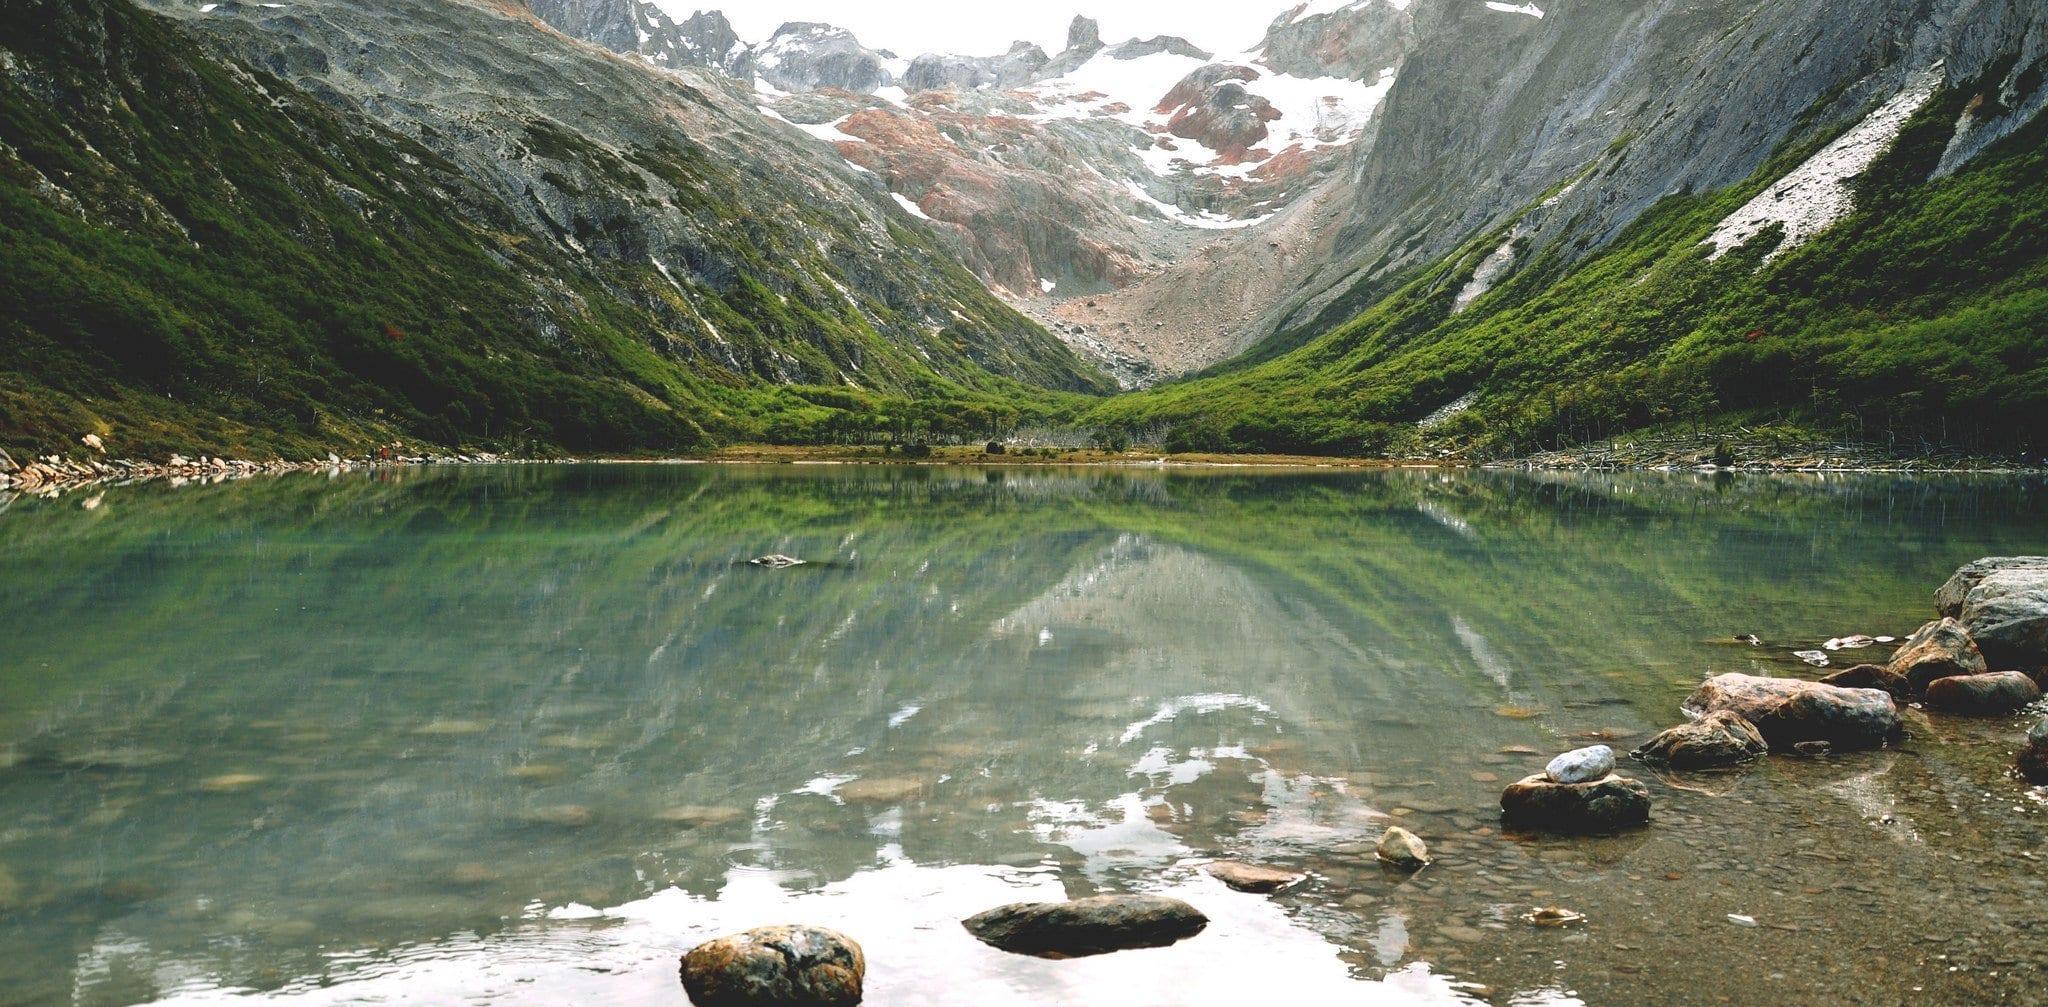 16630562267_9c7b1778fa_k ▷ Las mejores cosas que hacer en Ushuaia, Argentina, la ciudad más austral del mundo